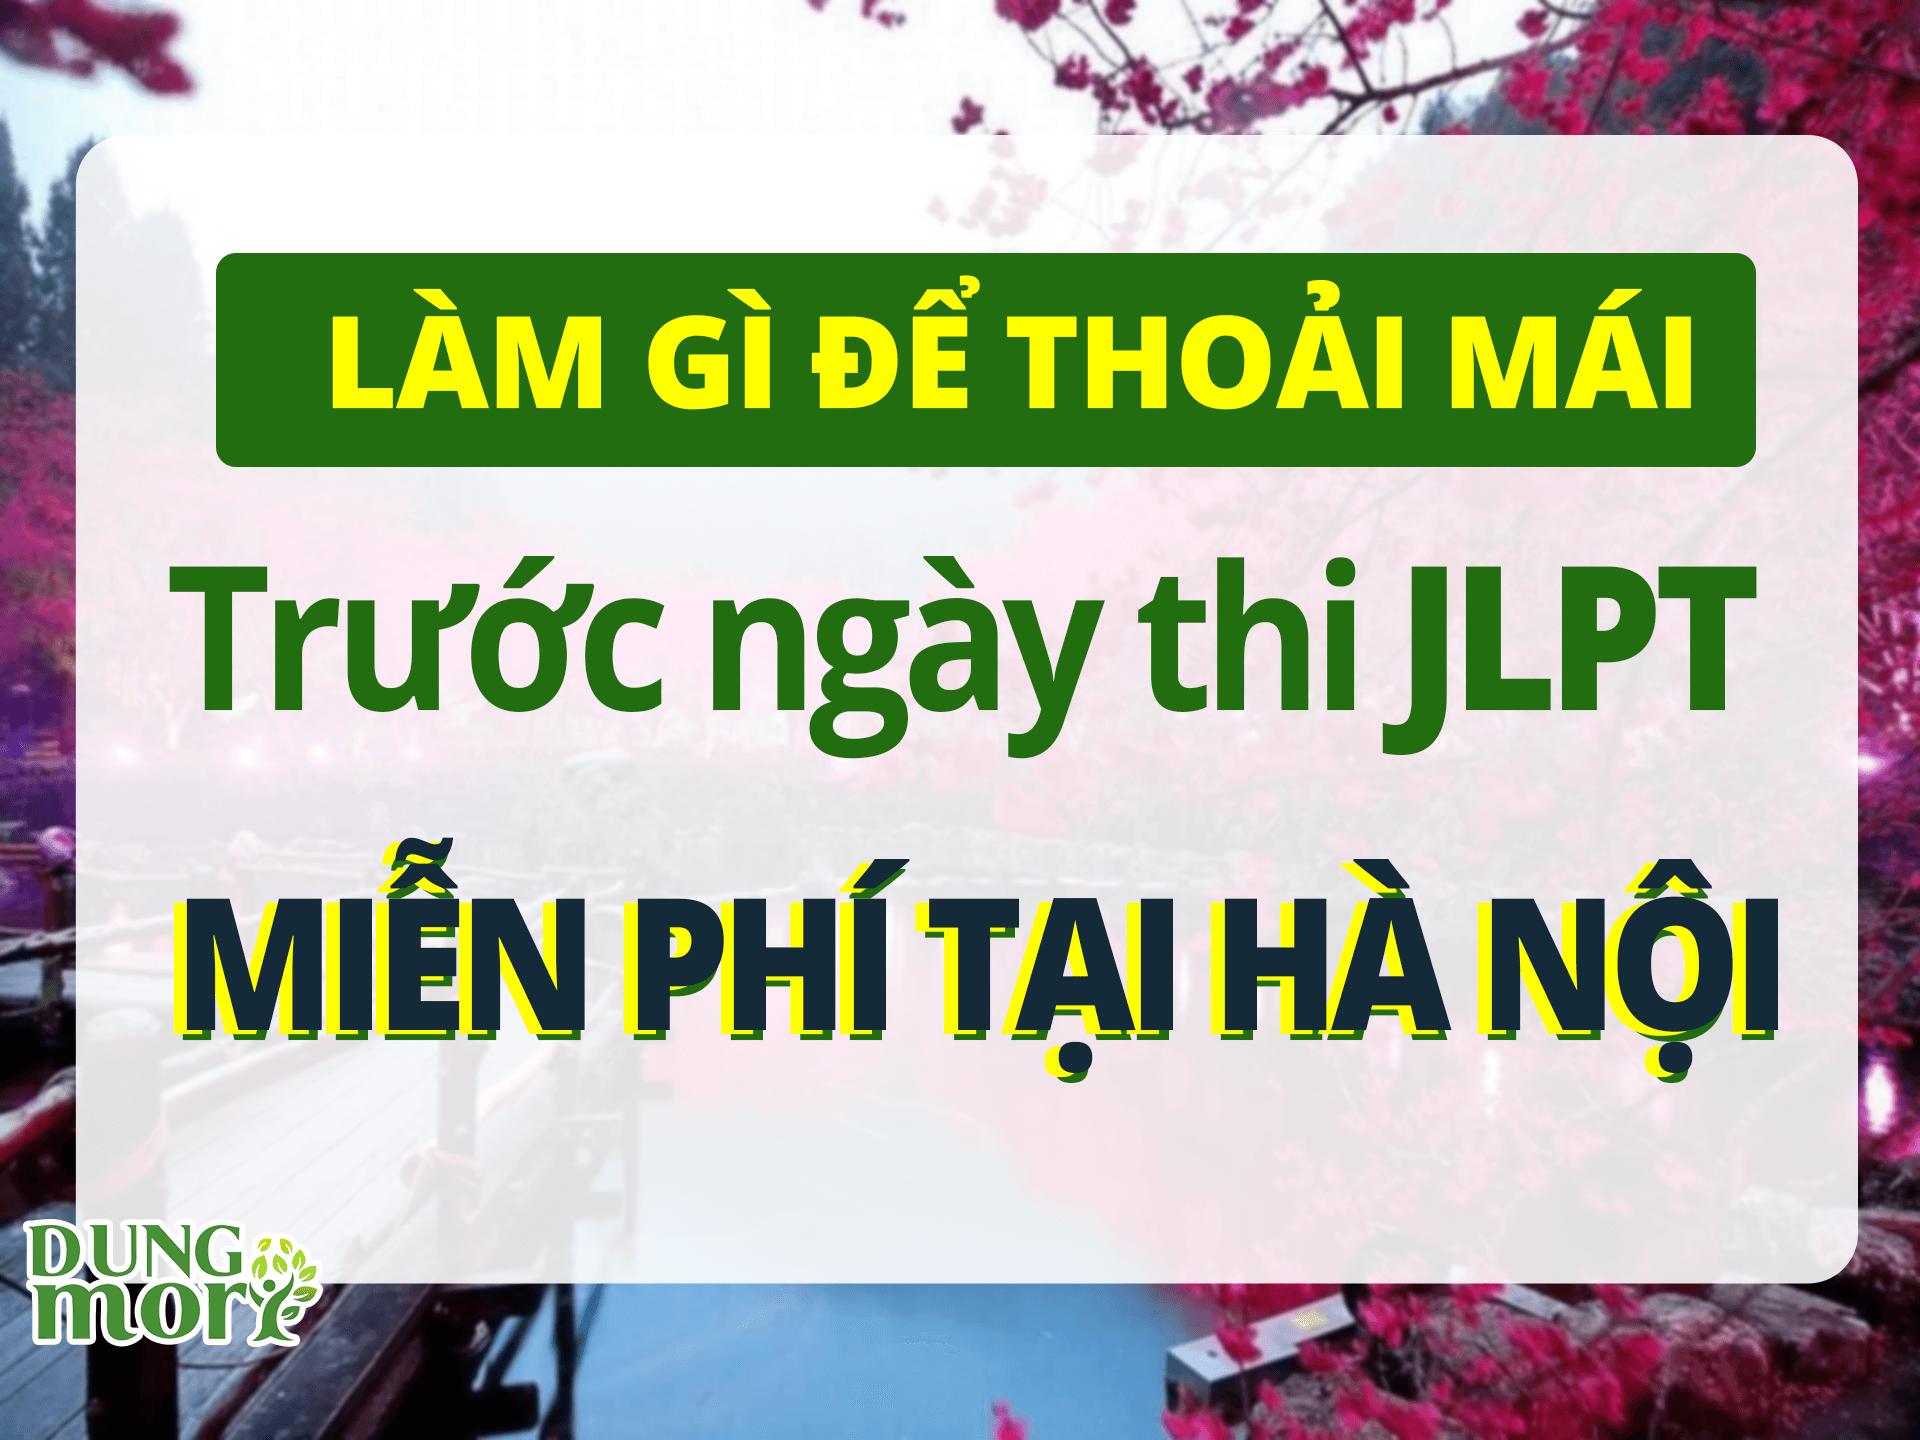 Làm gì để thoải mái trước ngày thi jlpt miễn phí tại Hà Nội